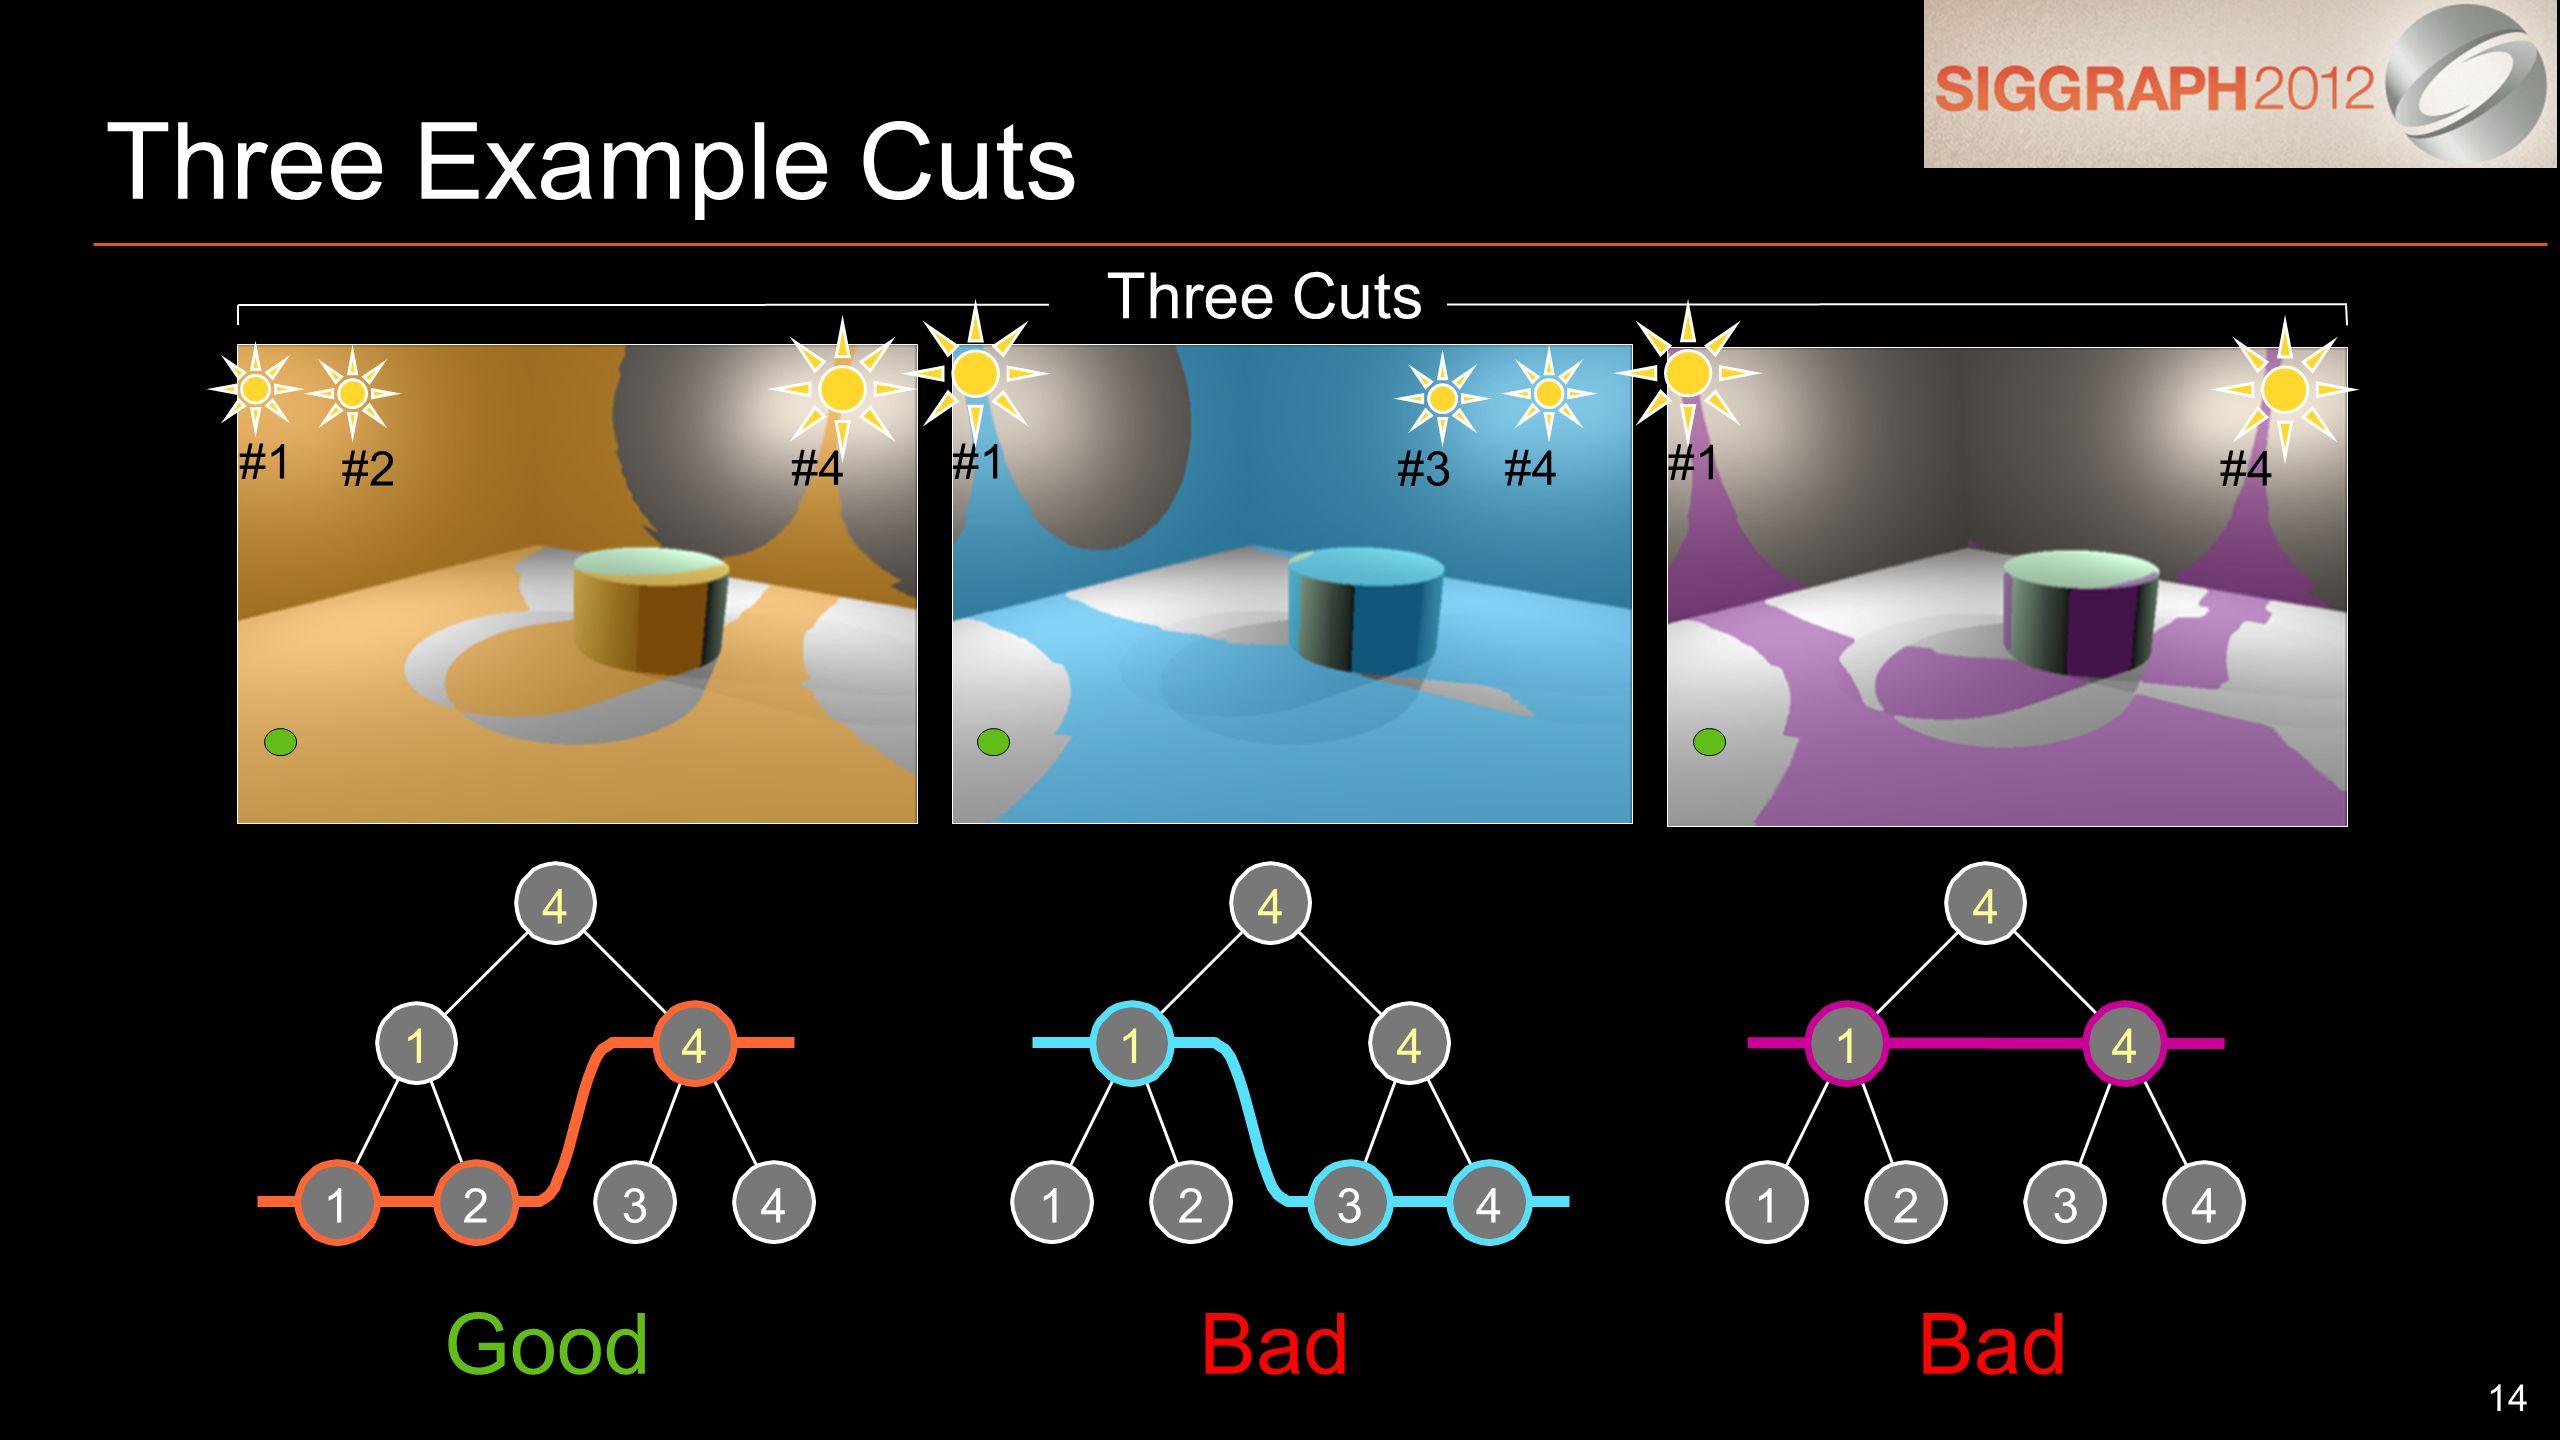 14 Three Example Cuts 1234 14 4 1234 14 4 1234 14 4 Three Cuts #1 #2 #4 #1 #3 #4 #1 #4 GoodBad